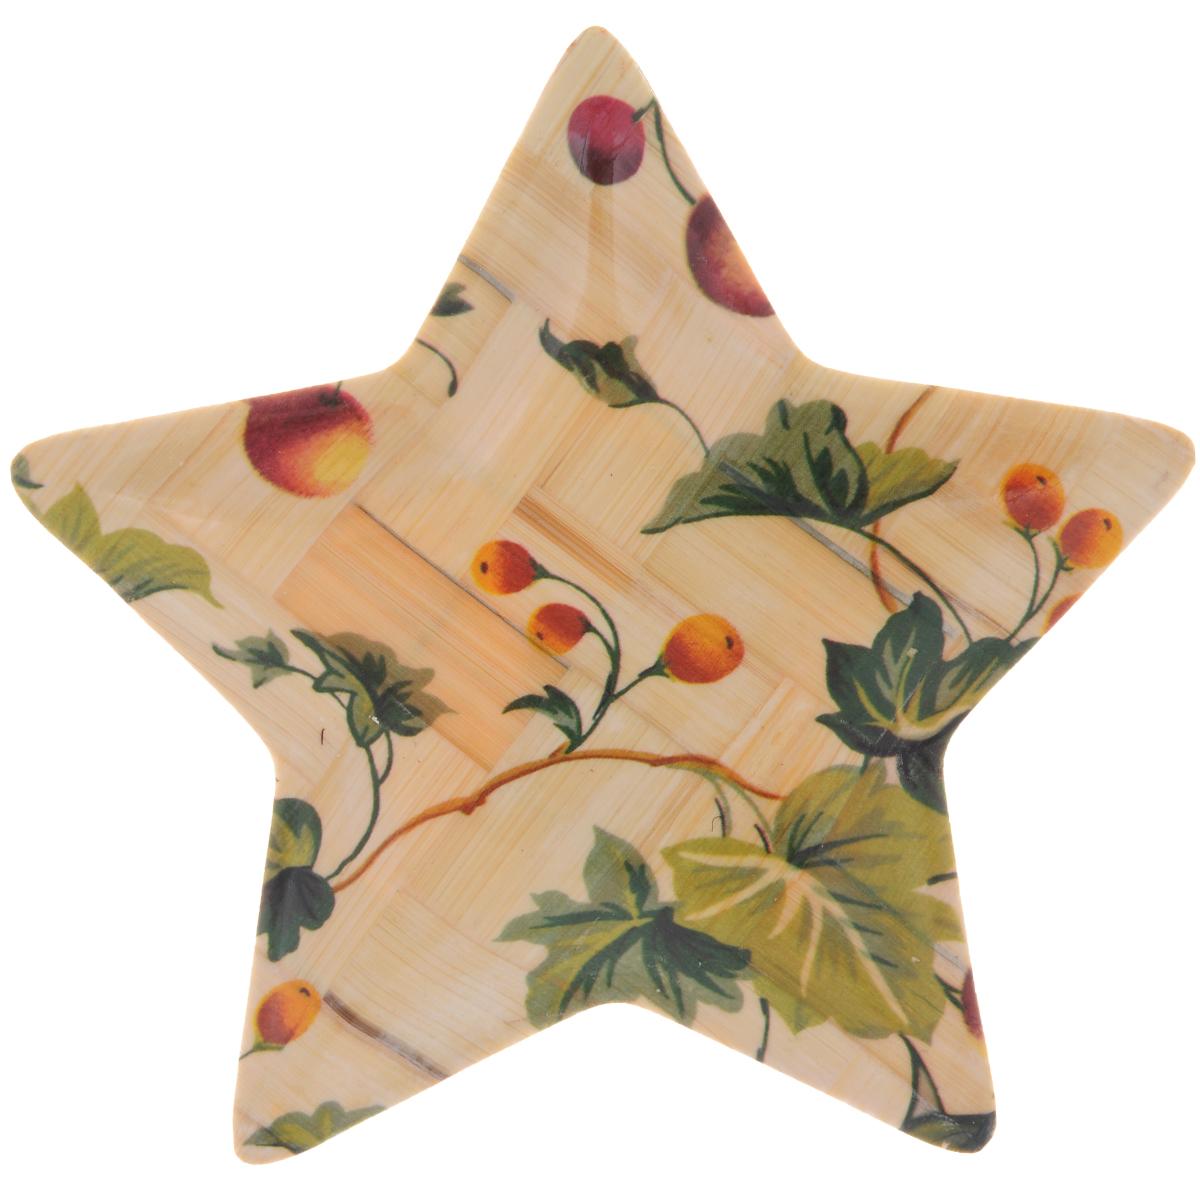 Тарелка Wanxie Звезда, цвет: бежевый, зеленый, 13,5 x 13,5 х 1 см115510Тарелка Wanxie Звезда изготовлена из бамбука в виде звезды. Блюдо прекрасно подходит для того, чтобы подавать небольшие кусочки фруктов, ягоды и многое другое. Невероятно легкое, но в то же время крепкое и экологически чистое блюдо - незаменимый и очень полезный аксессуар на кухне, а благодаря нежной расцветке подойдет к любому интерьеру. Посуда из бамбука - интересное решение для создания эксклюзивных и стильных кухонных интерьеров. Бамбук экологичен и безопасен для здоровья, не боится влаги, устойчив к перепадам температуры. Несмотря на легкость и изящество, изделие прочно и долговечно. Посуда из бамбука проста в уходе и красива.Размер тарелки по верхнему краю: 13,5 х 13,5 см.